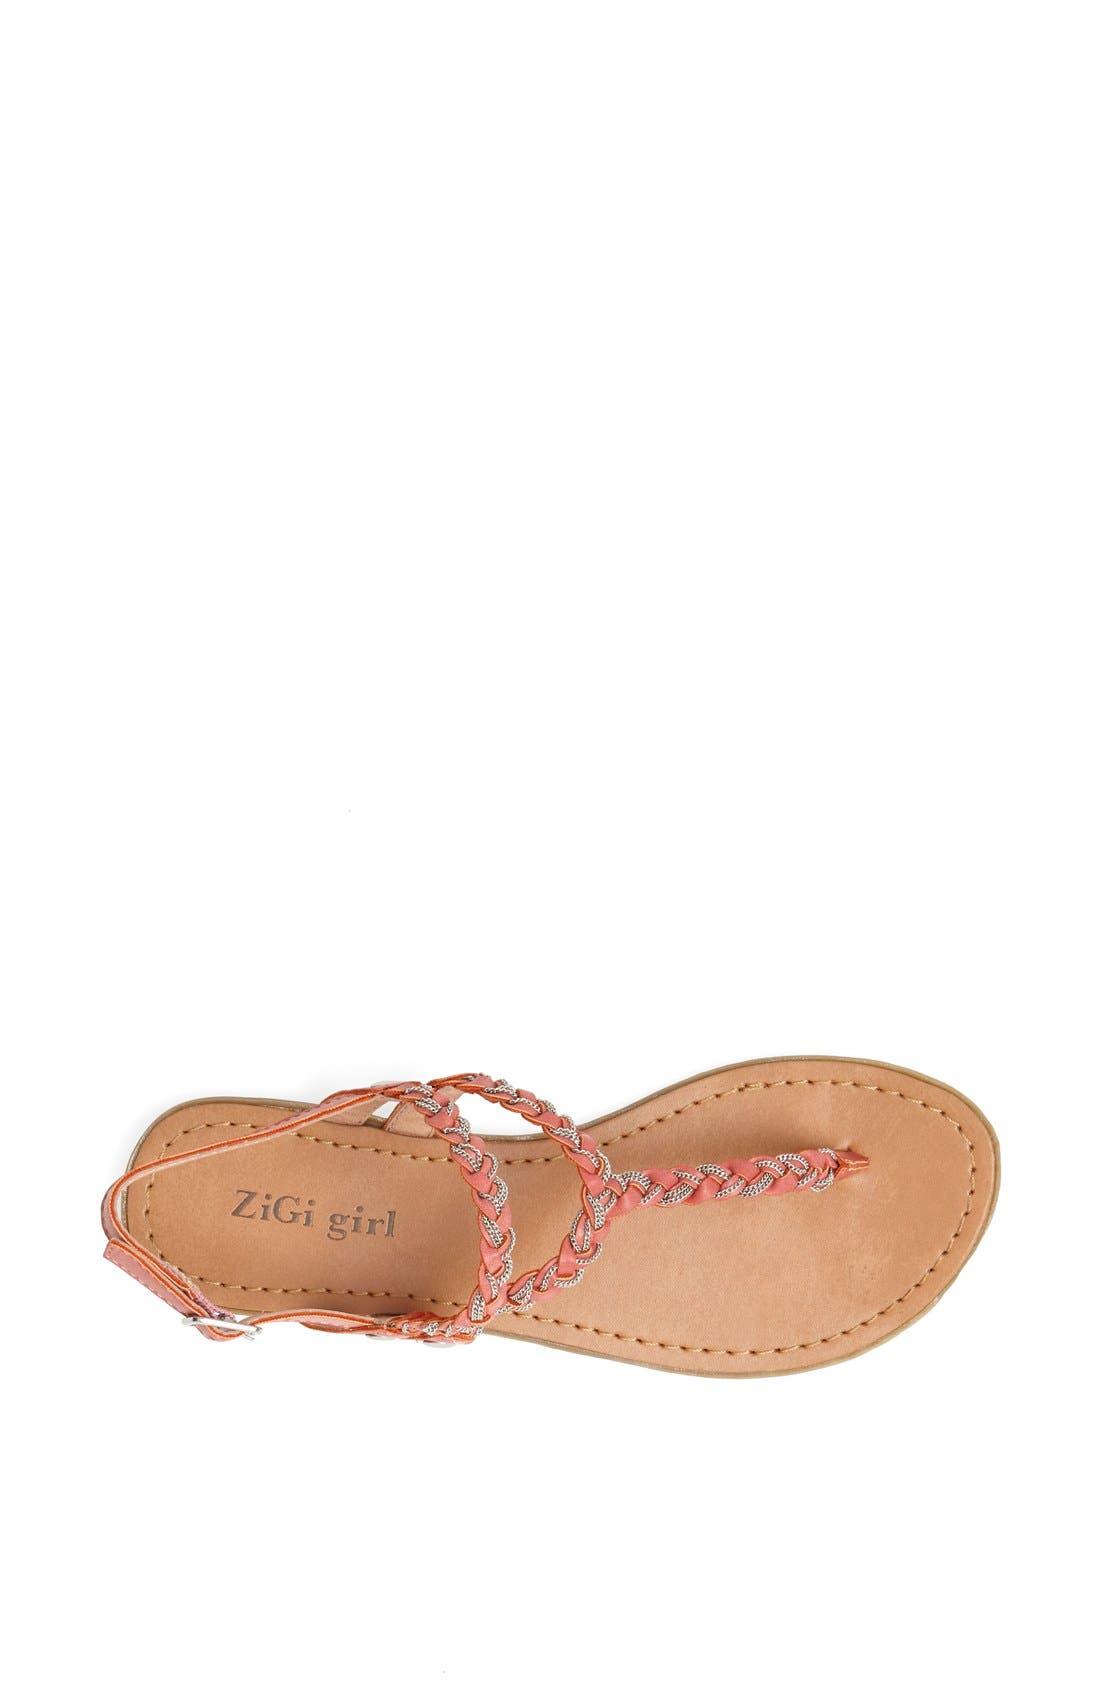 Alternate Image 3  - ZiGi girl 'Articulate' Sandal